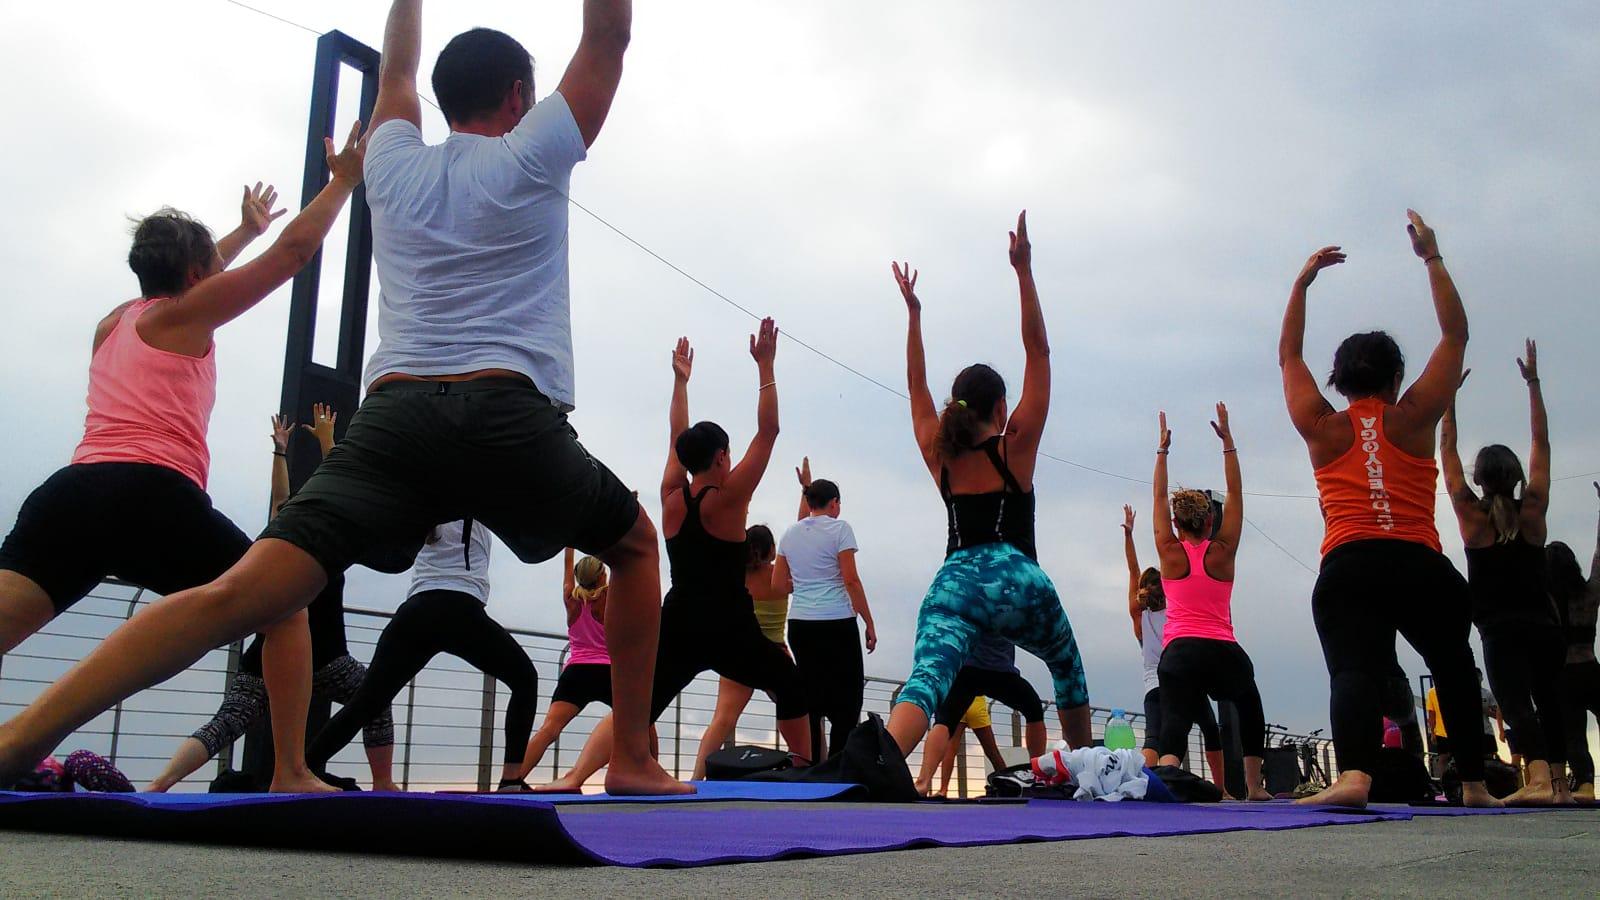 essere-free-yoga-gratuito-benessere-per-tutti-village-citta-alassio-estate-lucia-ragazzi-summer-town-wellness-090